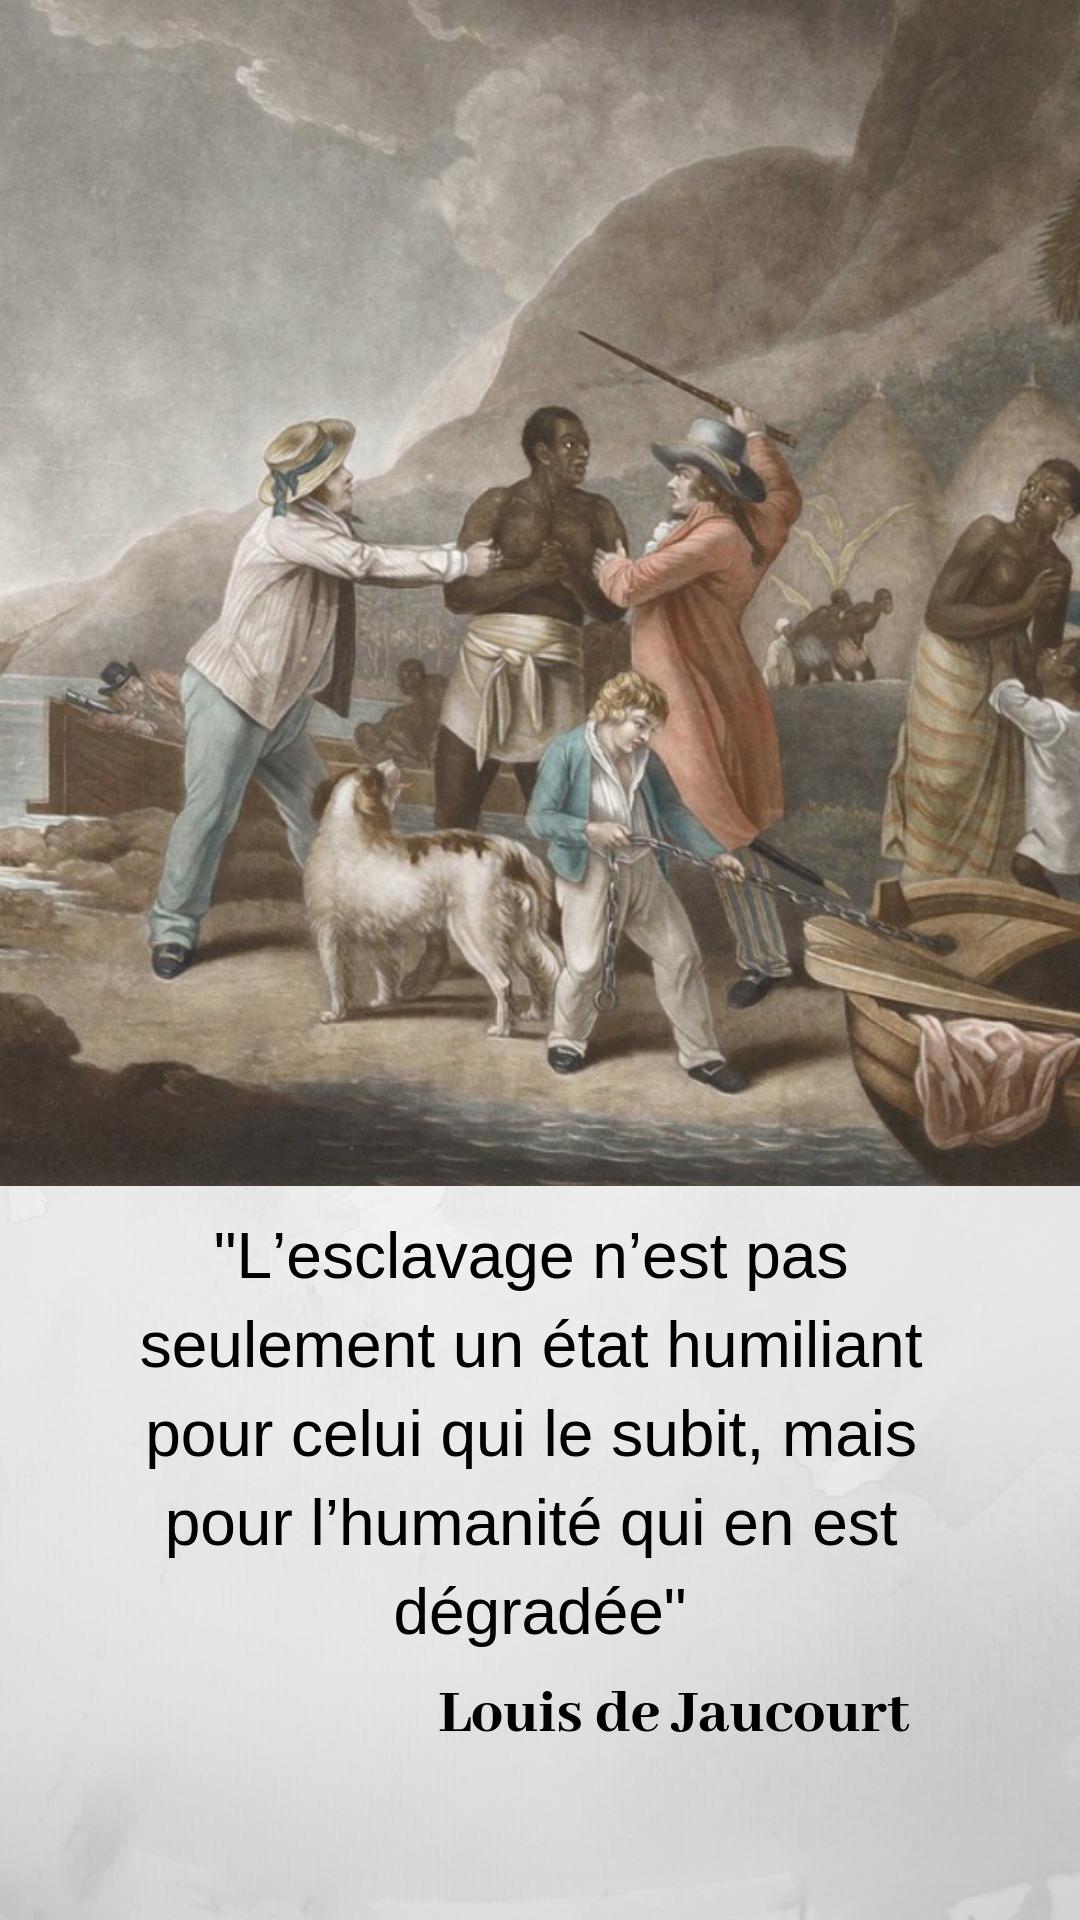 29 Juin 1880 La France Annexe L Ile De Tahiti Esclavage Citations Historiques Citation